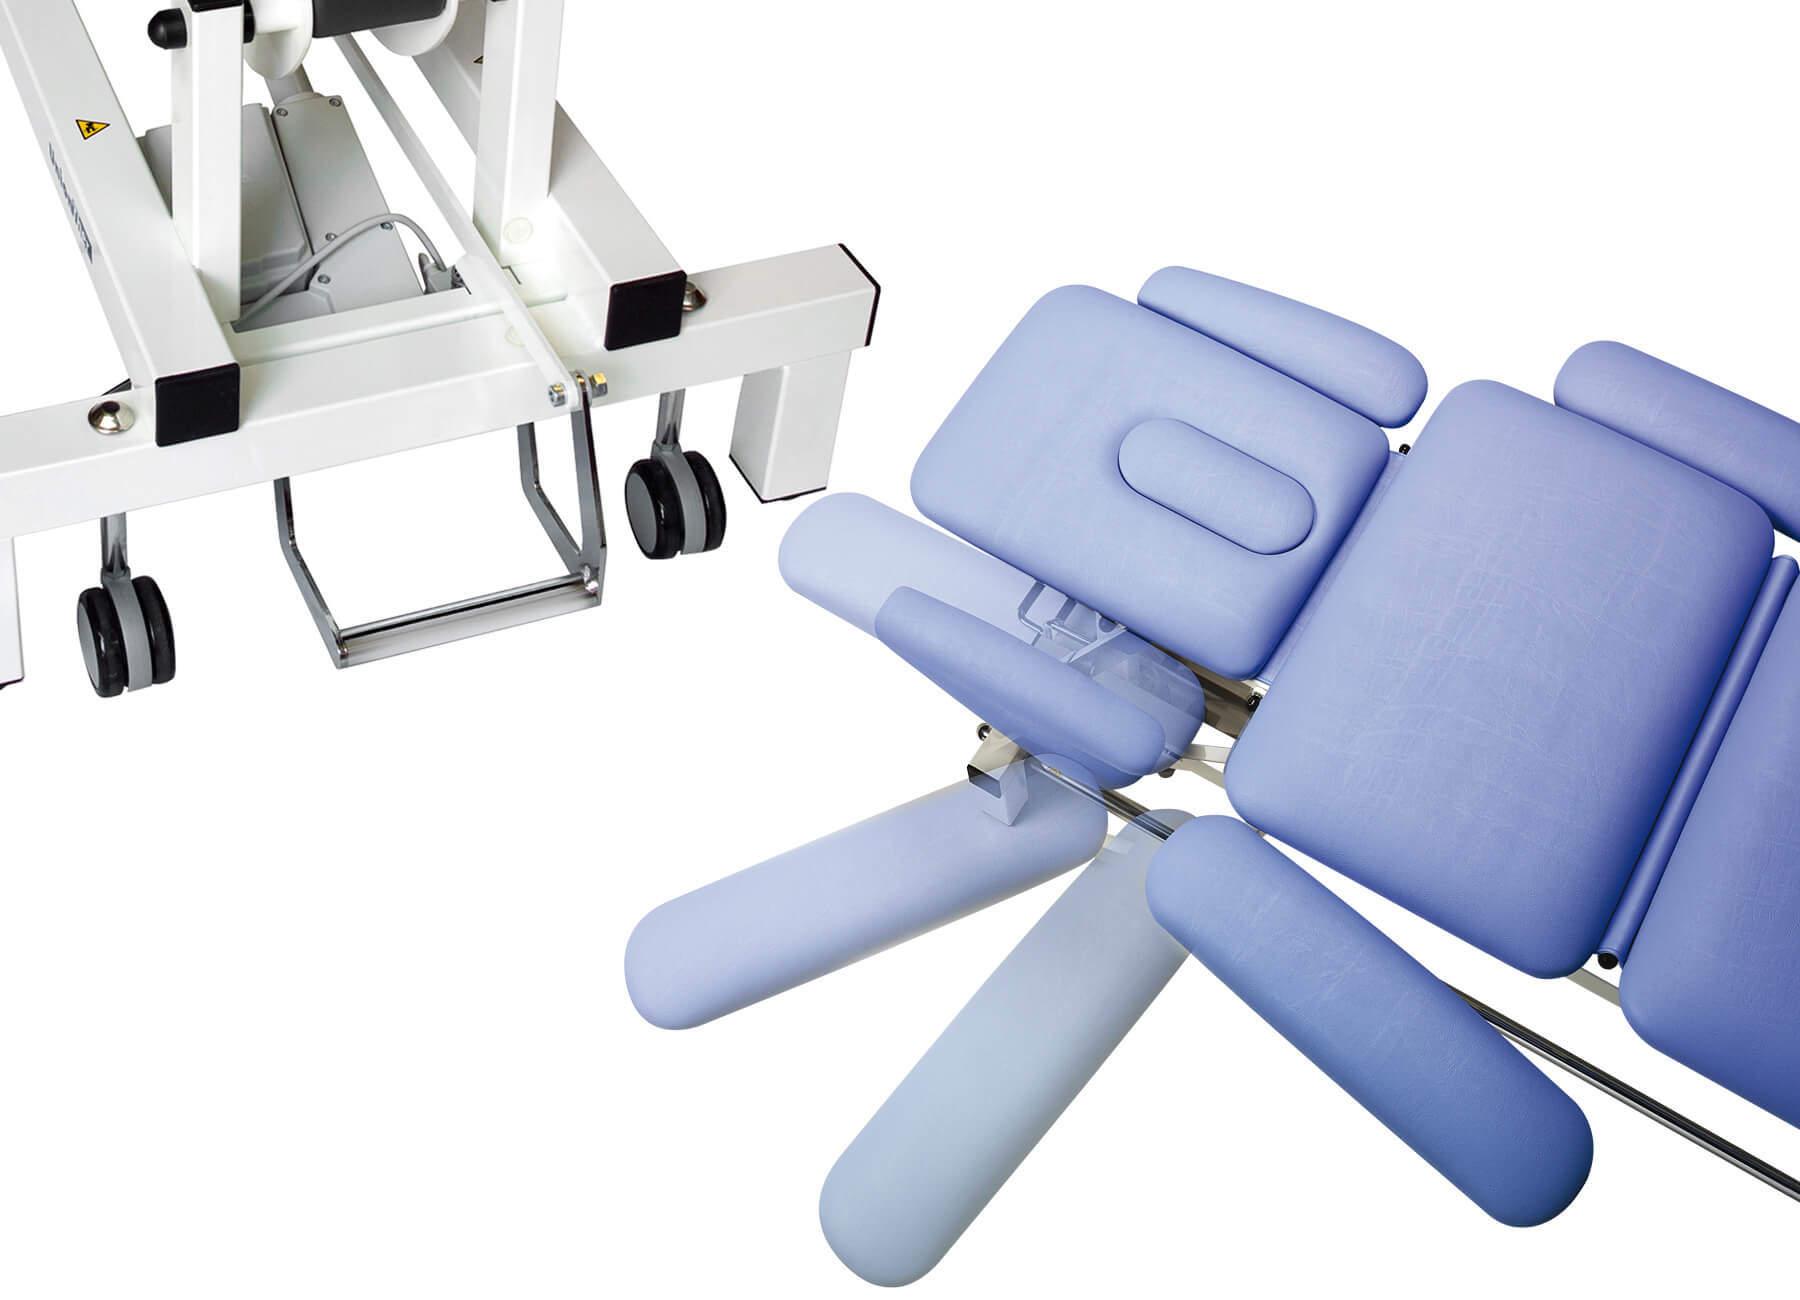 Therapieliegen zentralgebremste Räder, Armauflagen